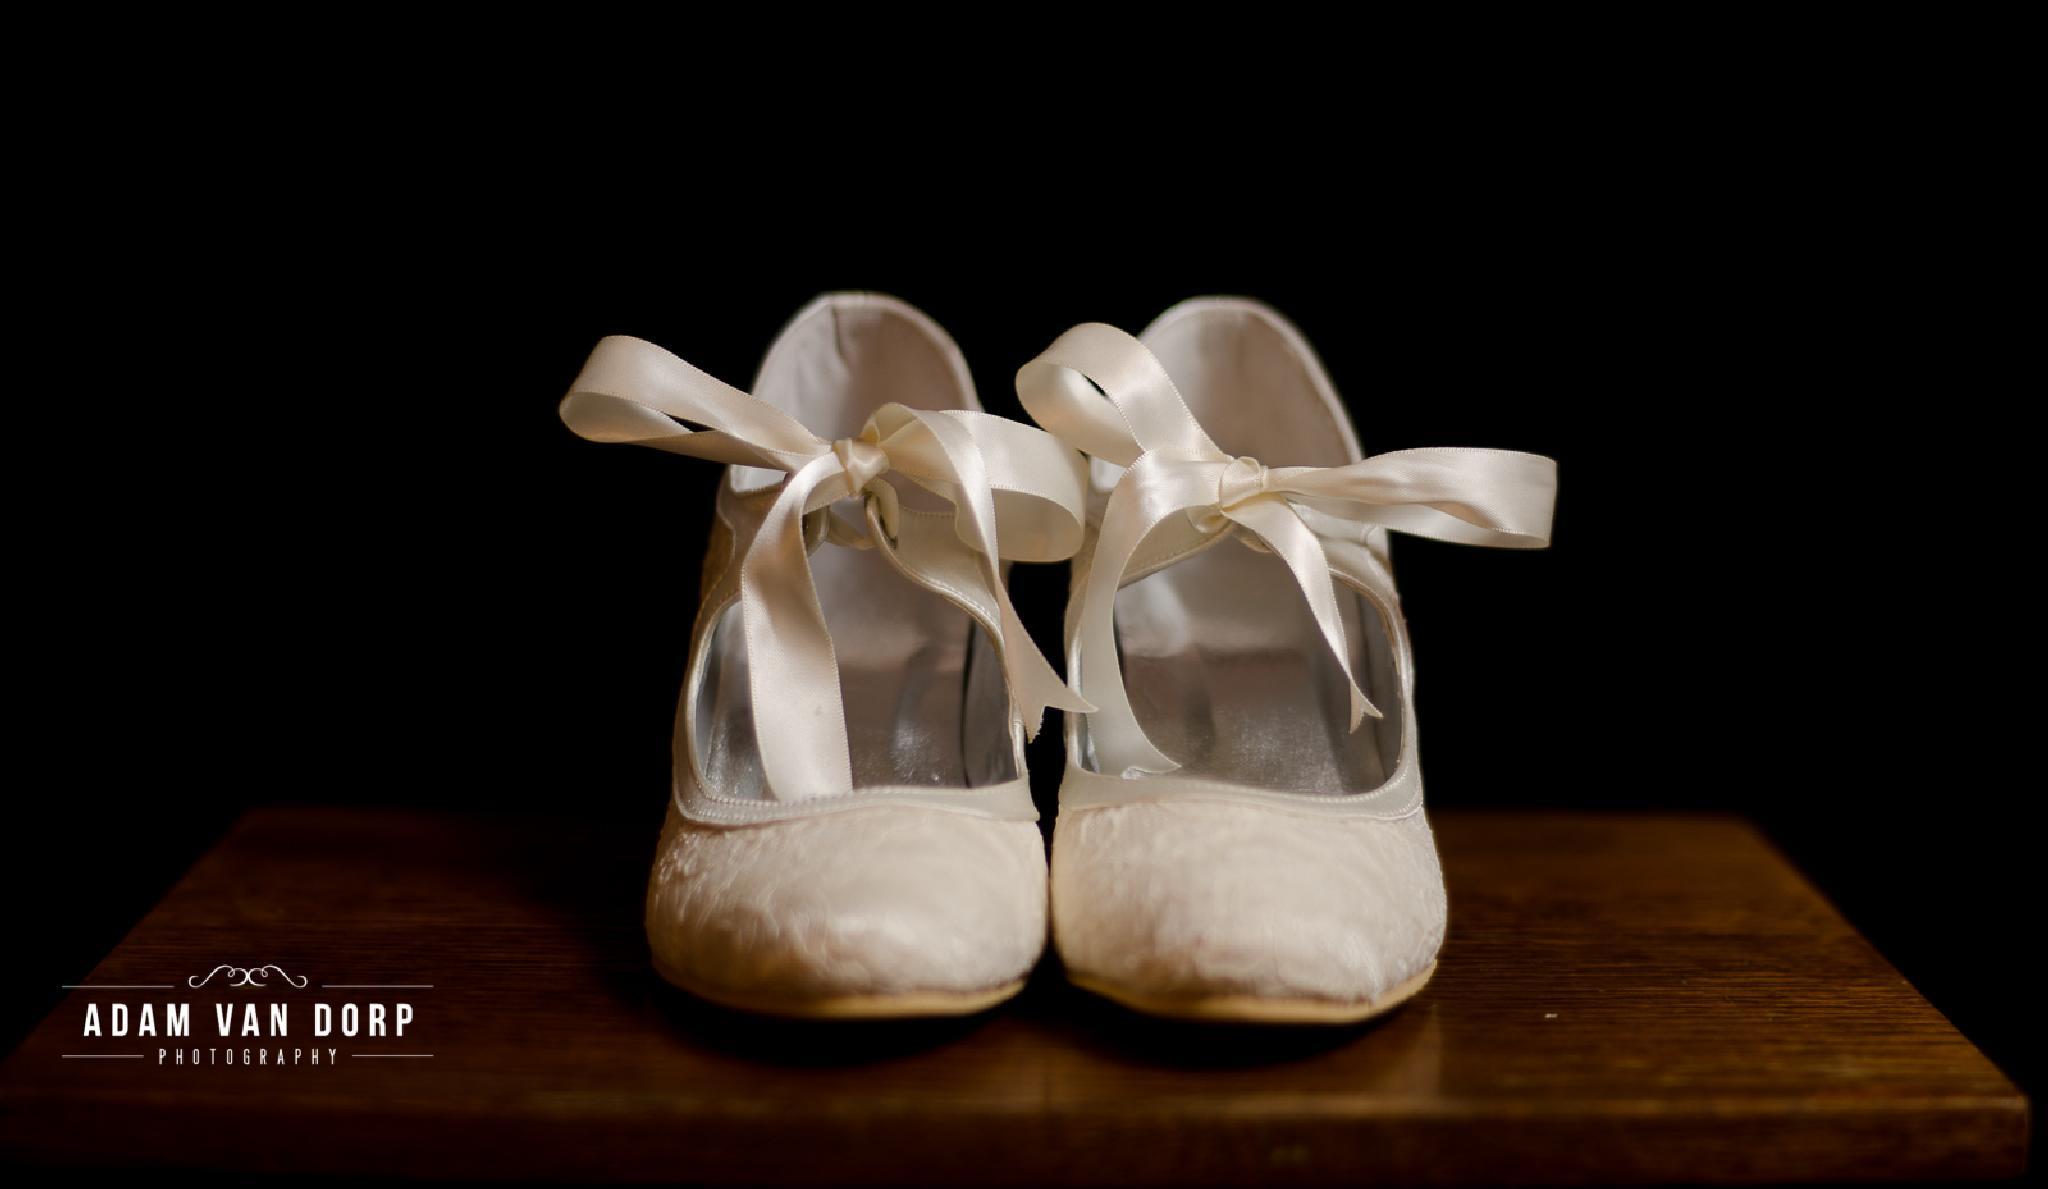 Wedding shoes by Adam van Dorp